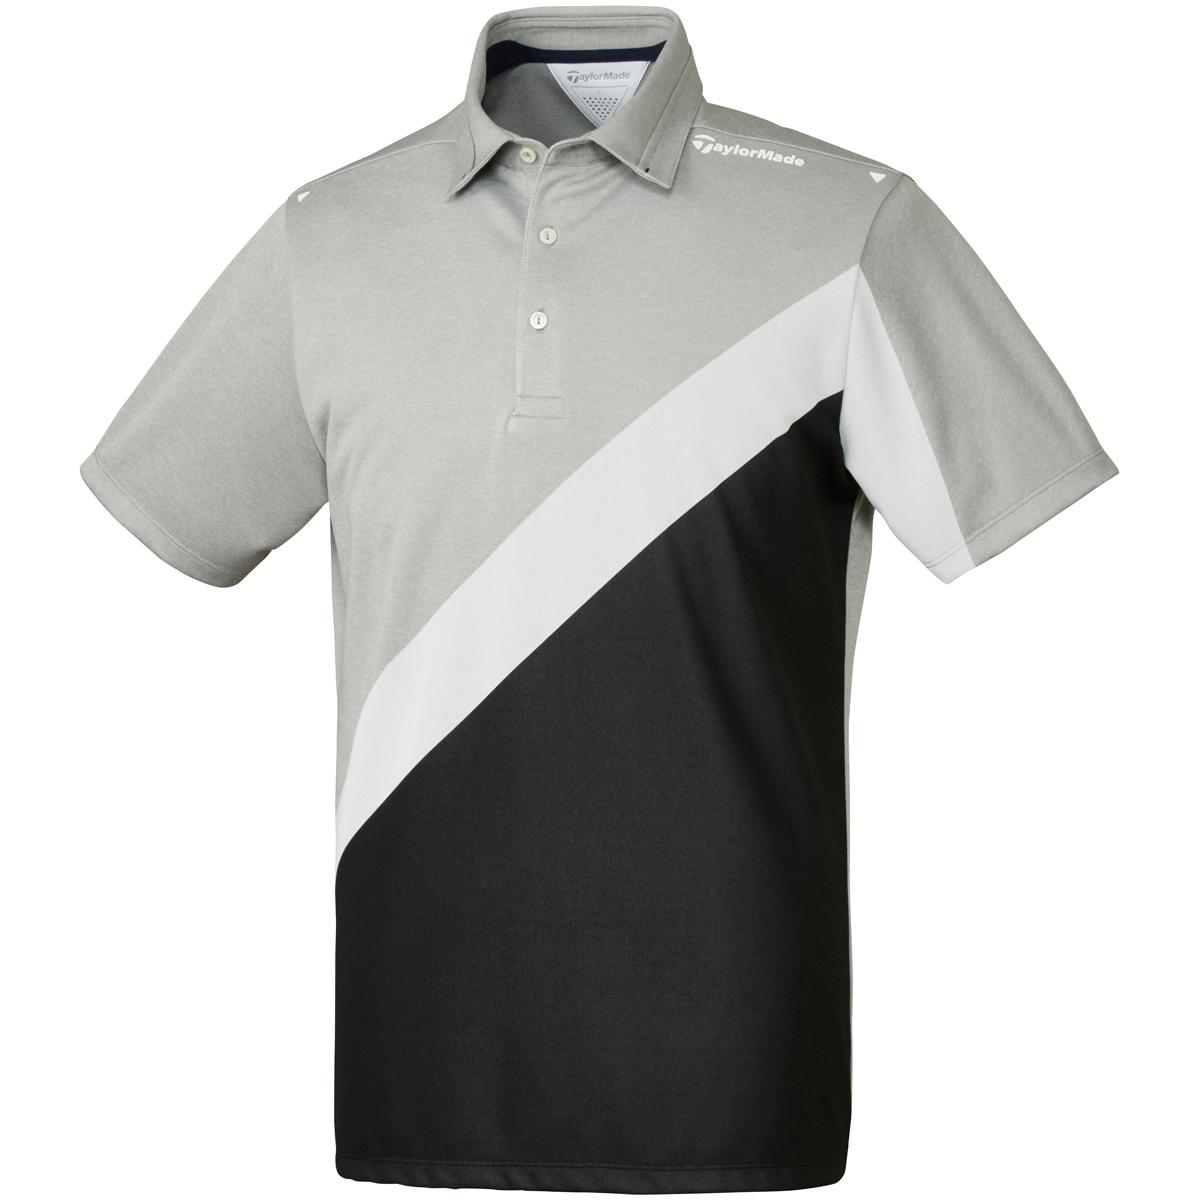 ストレッチ クーリング半袖ポロシャツ